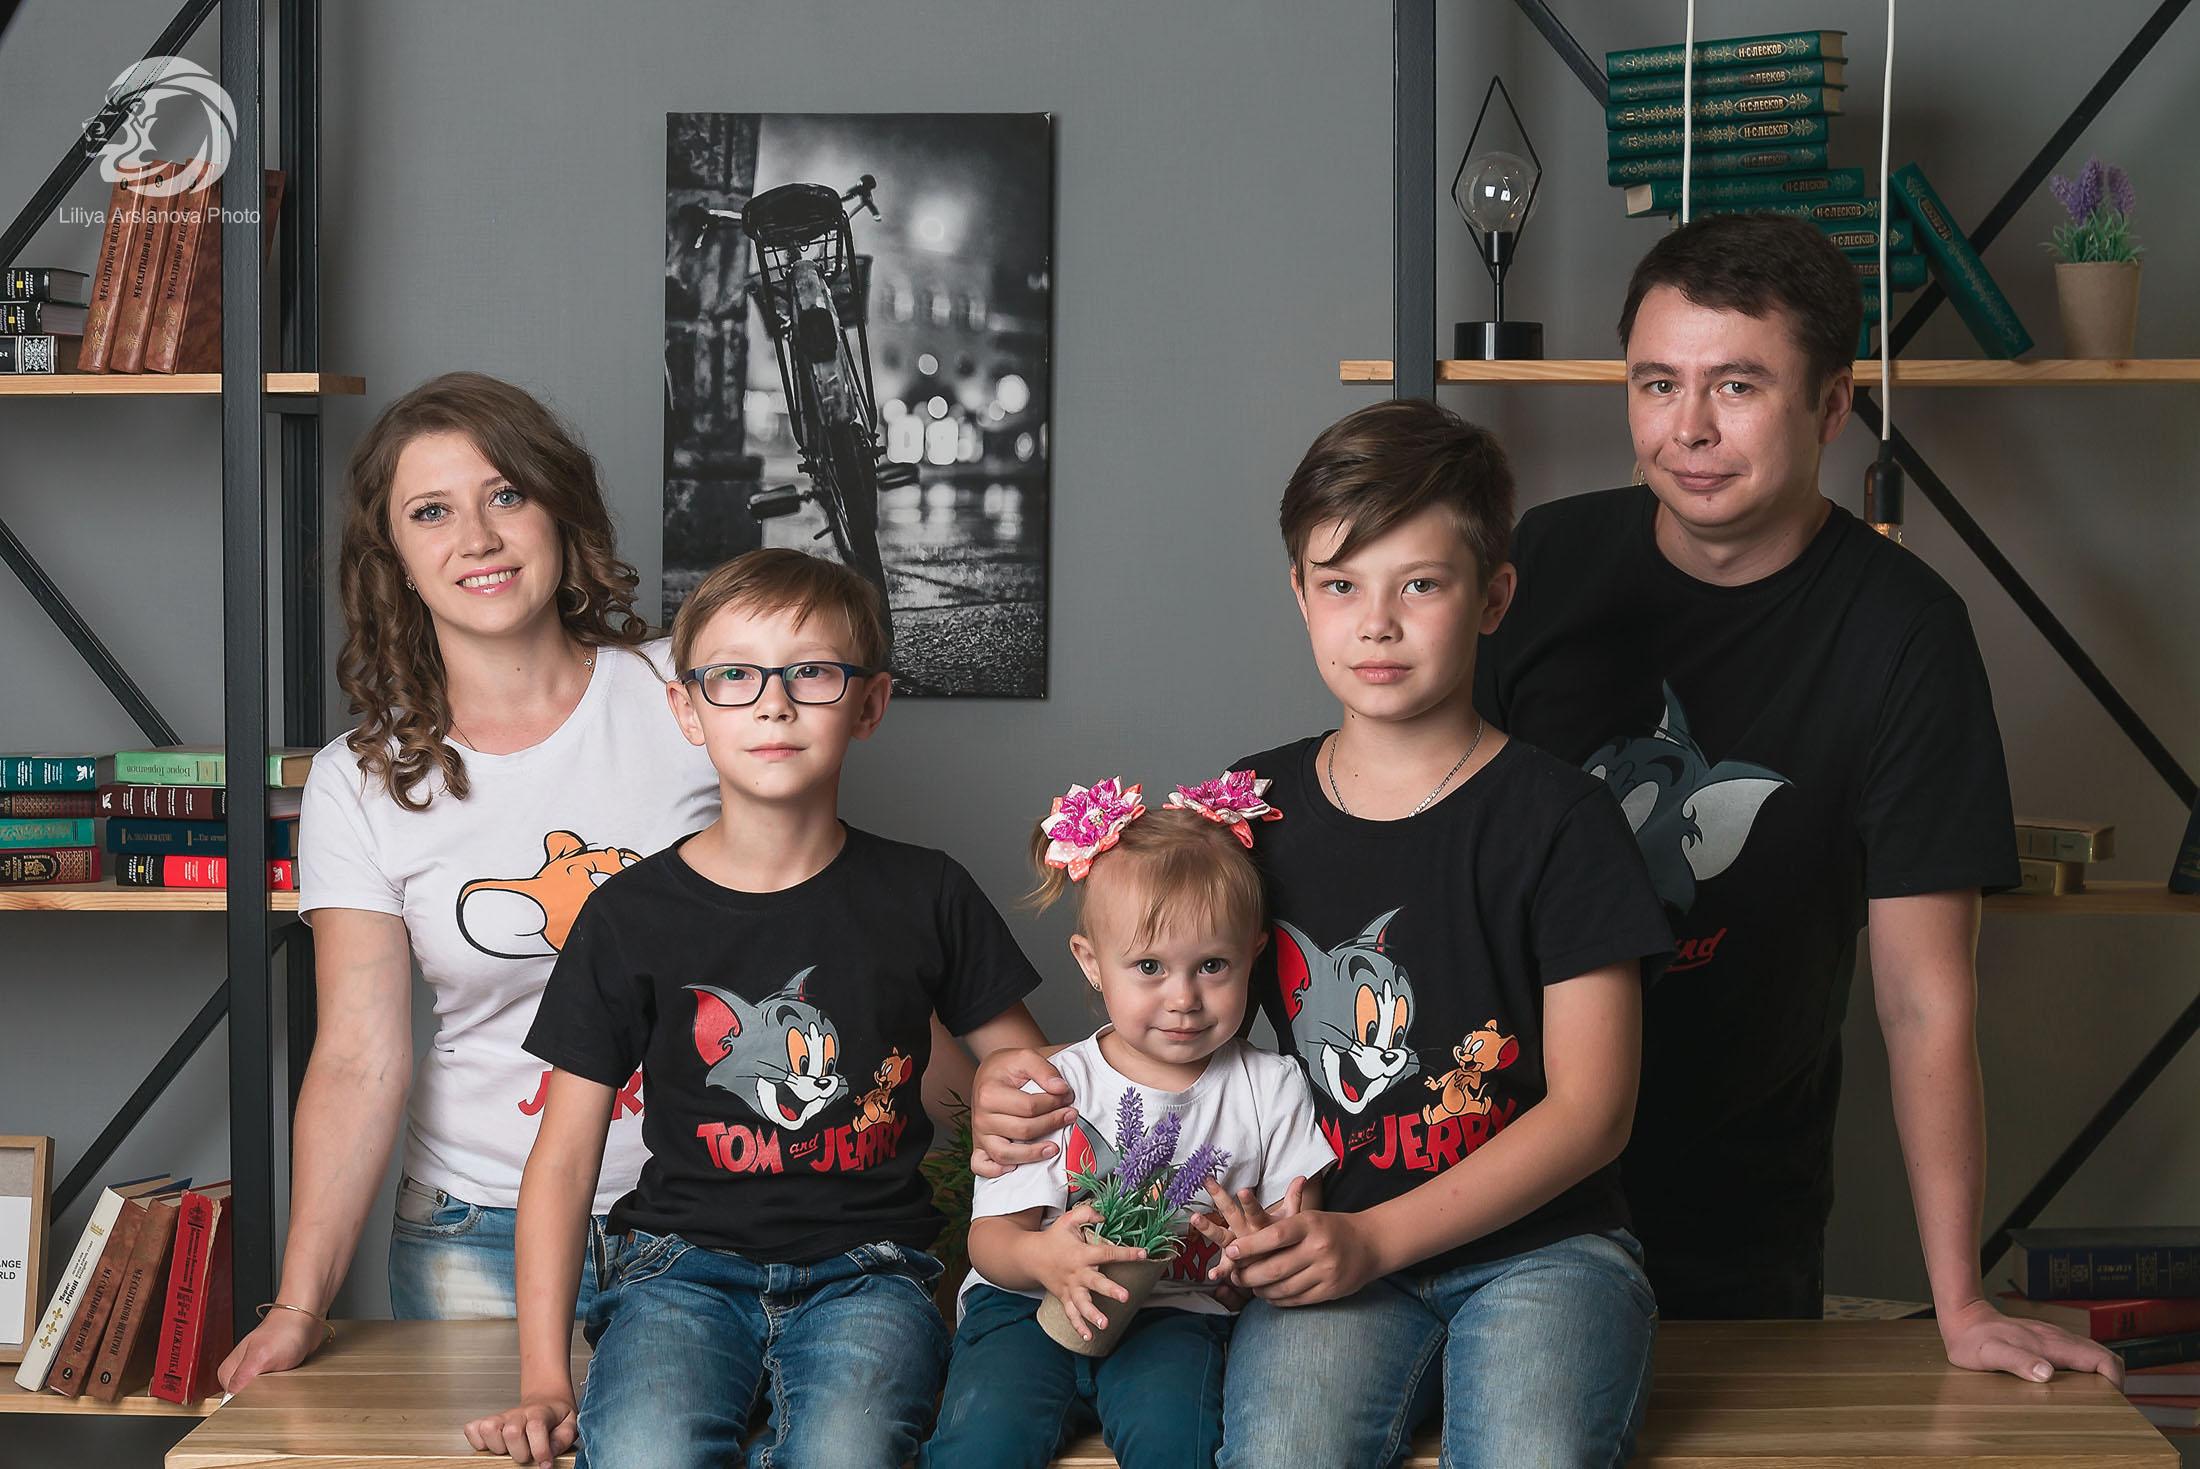 """В студии """"Апрель"""", семейная фотосессия в Стерлитамаке, фотосессия стерлитамак заказать, фотостудия стерлитамак, заказать съемку в фотостудии Стерлитамак, фотограф Лилия Арсланова"""